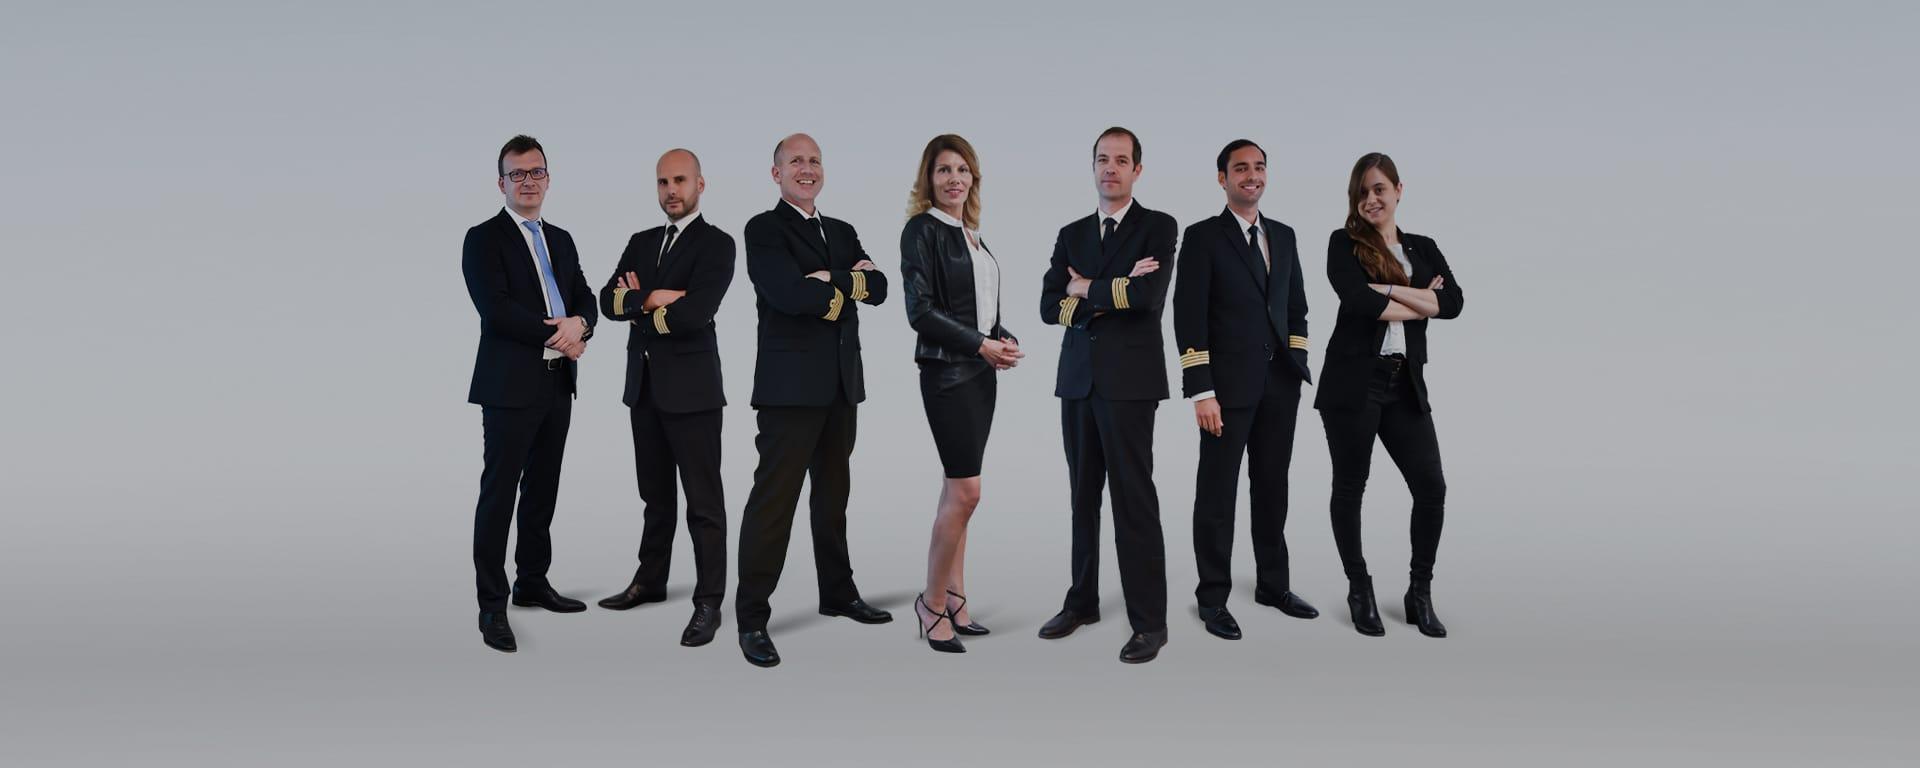 L'équipe de direction Astonjet